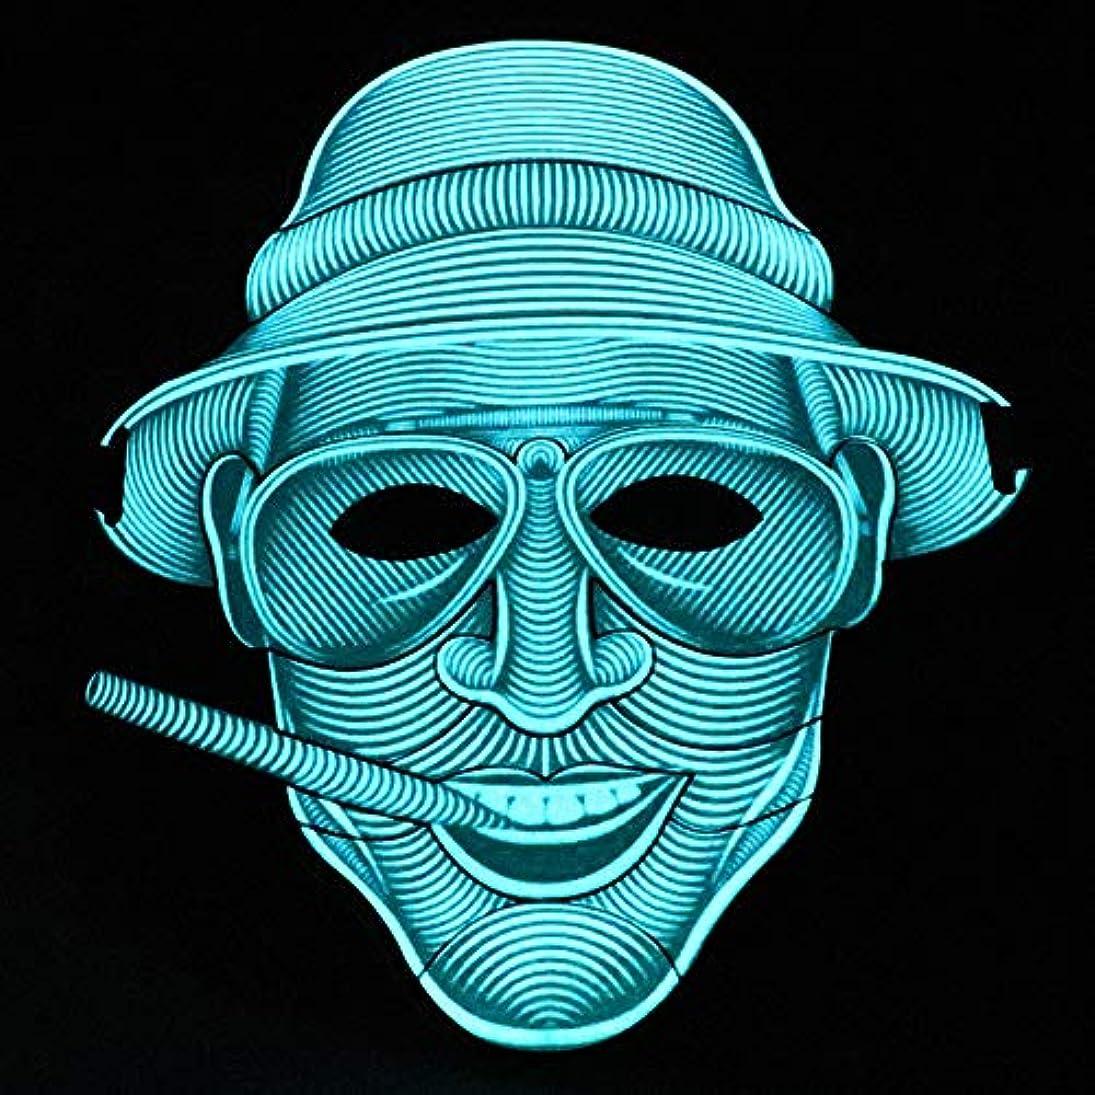 まだらセールスマン現金照らされたマスクLED創造的な冷光音響制御マスクハロウィンバーフェスティバルダンスマスク (Color : #3)